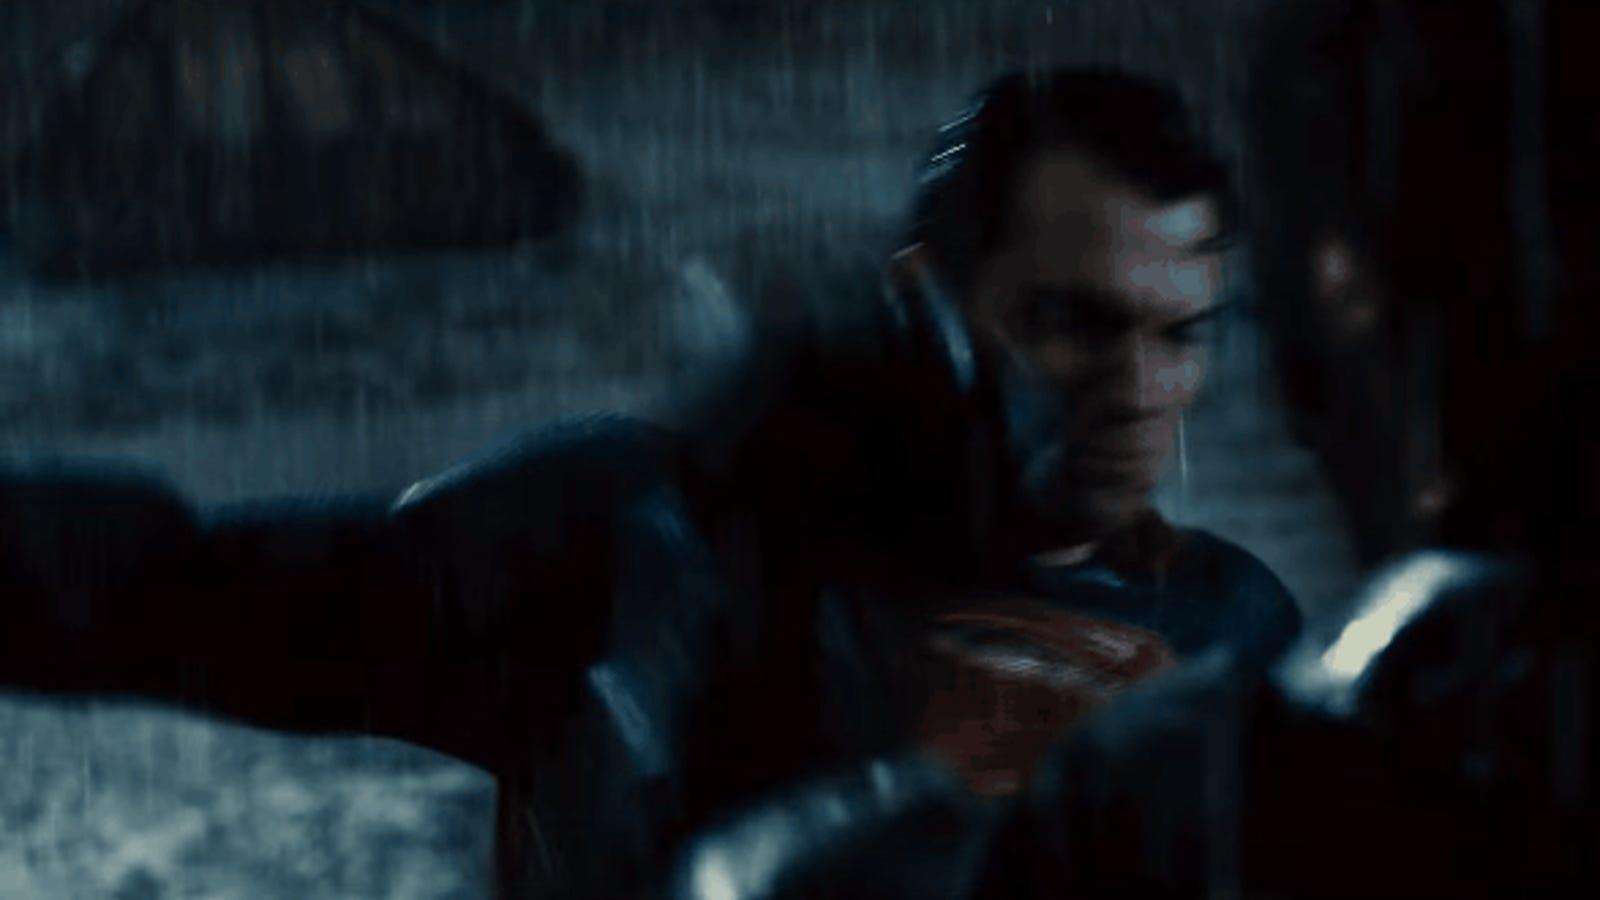 La batalla entre dos superhéroes comienza en el tráiler final de Batman v Superman